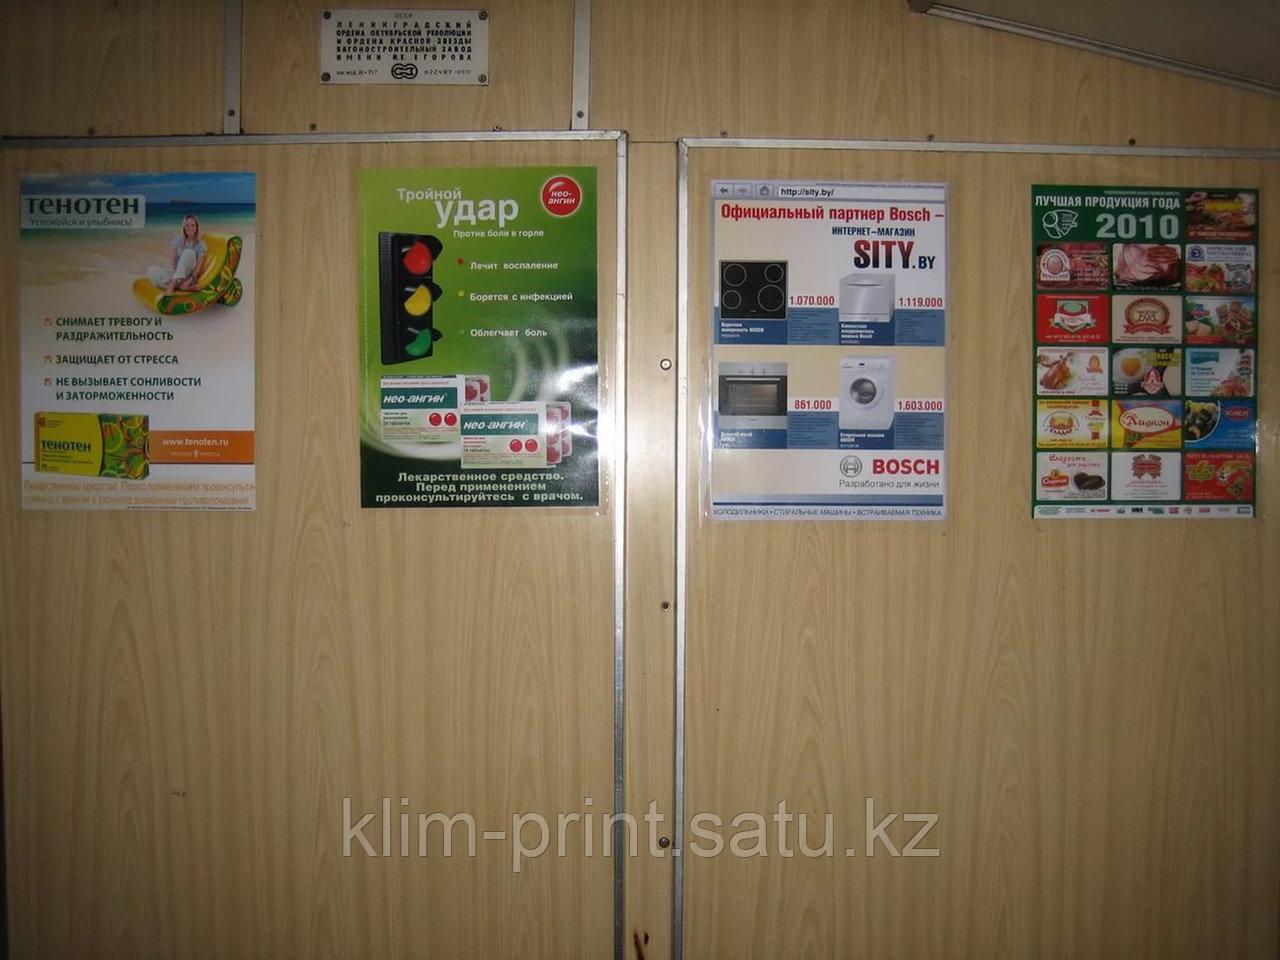 Постер а3 односторонний в Алматы,печать постеров в алматы